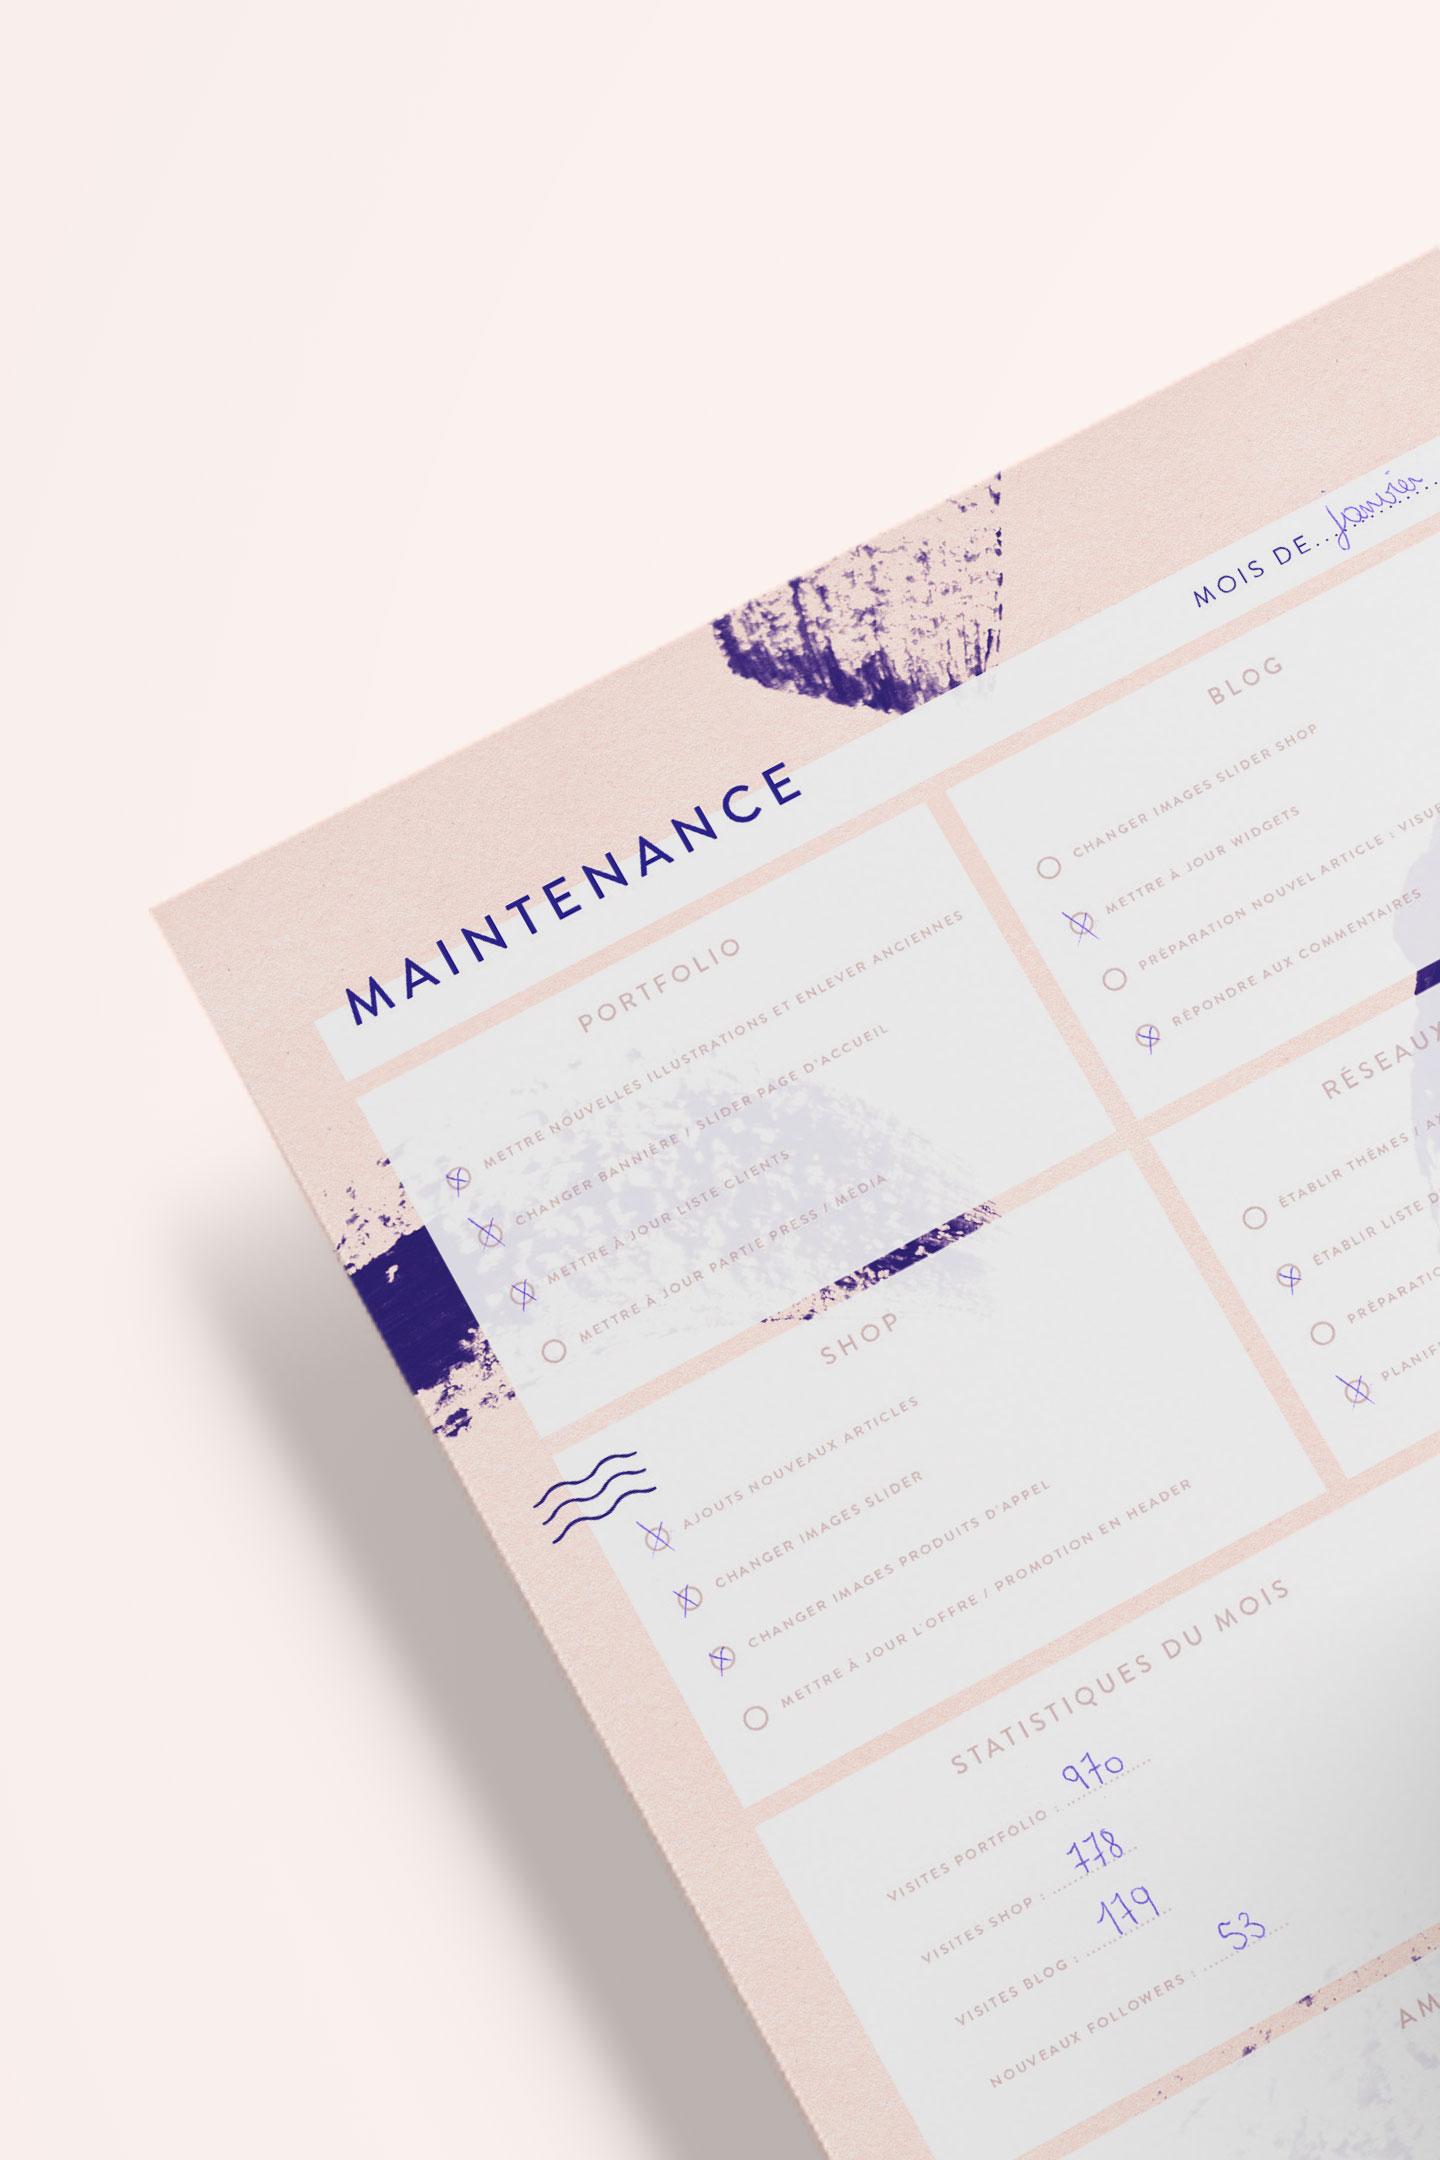 elodie-blog-kit-planning-illustratrice_gros-plan